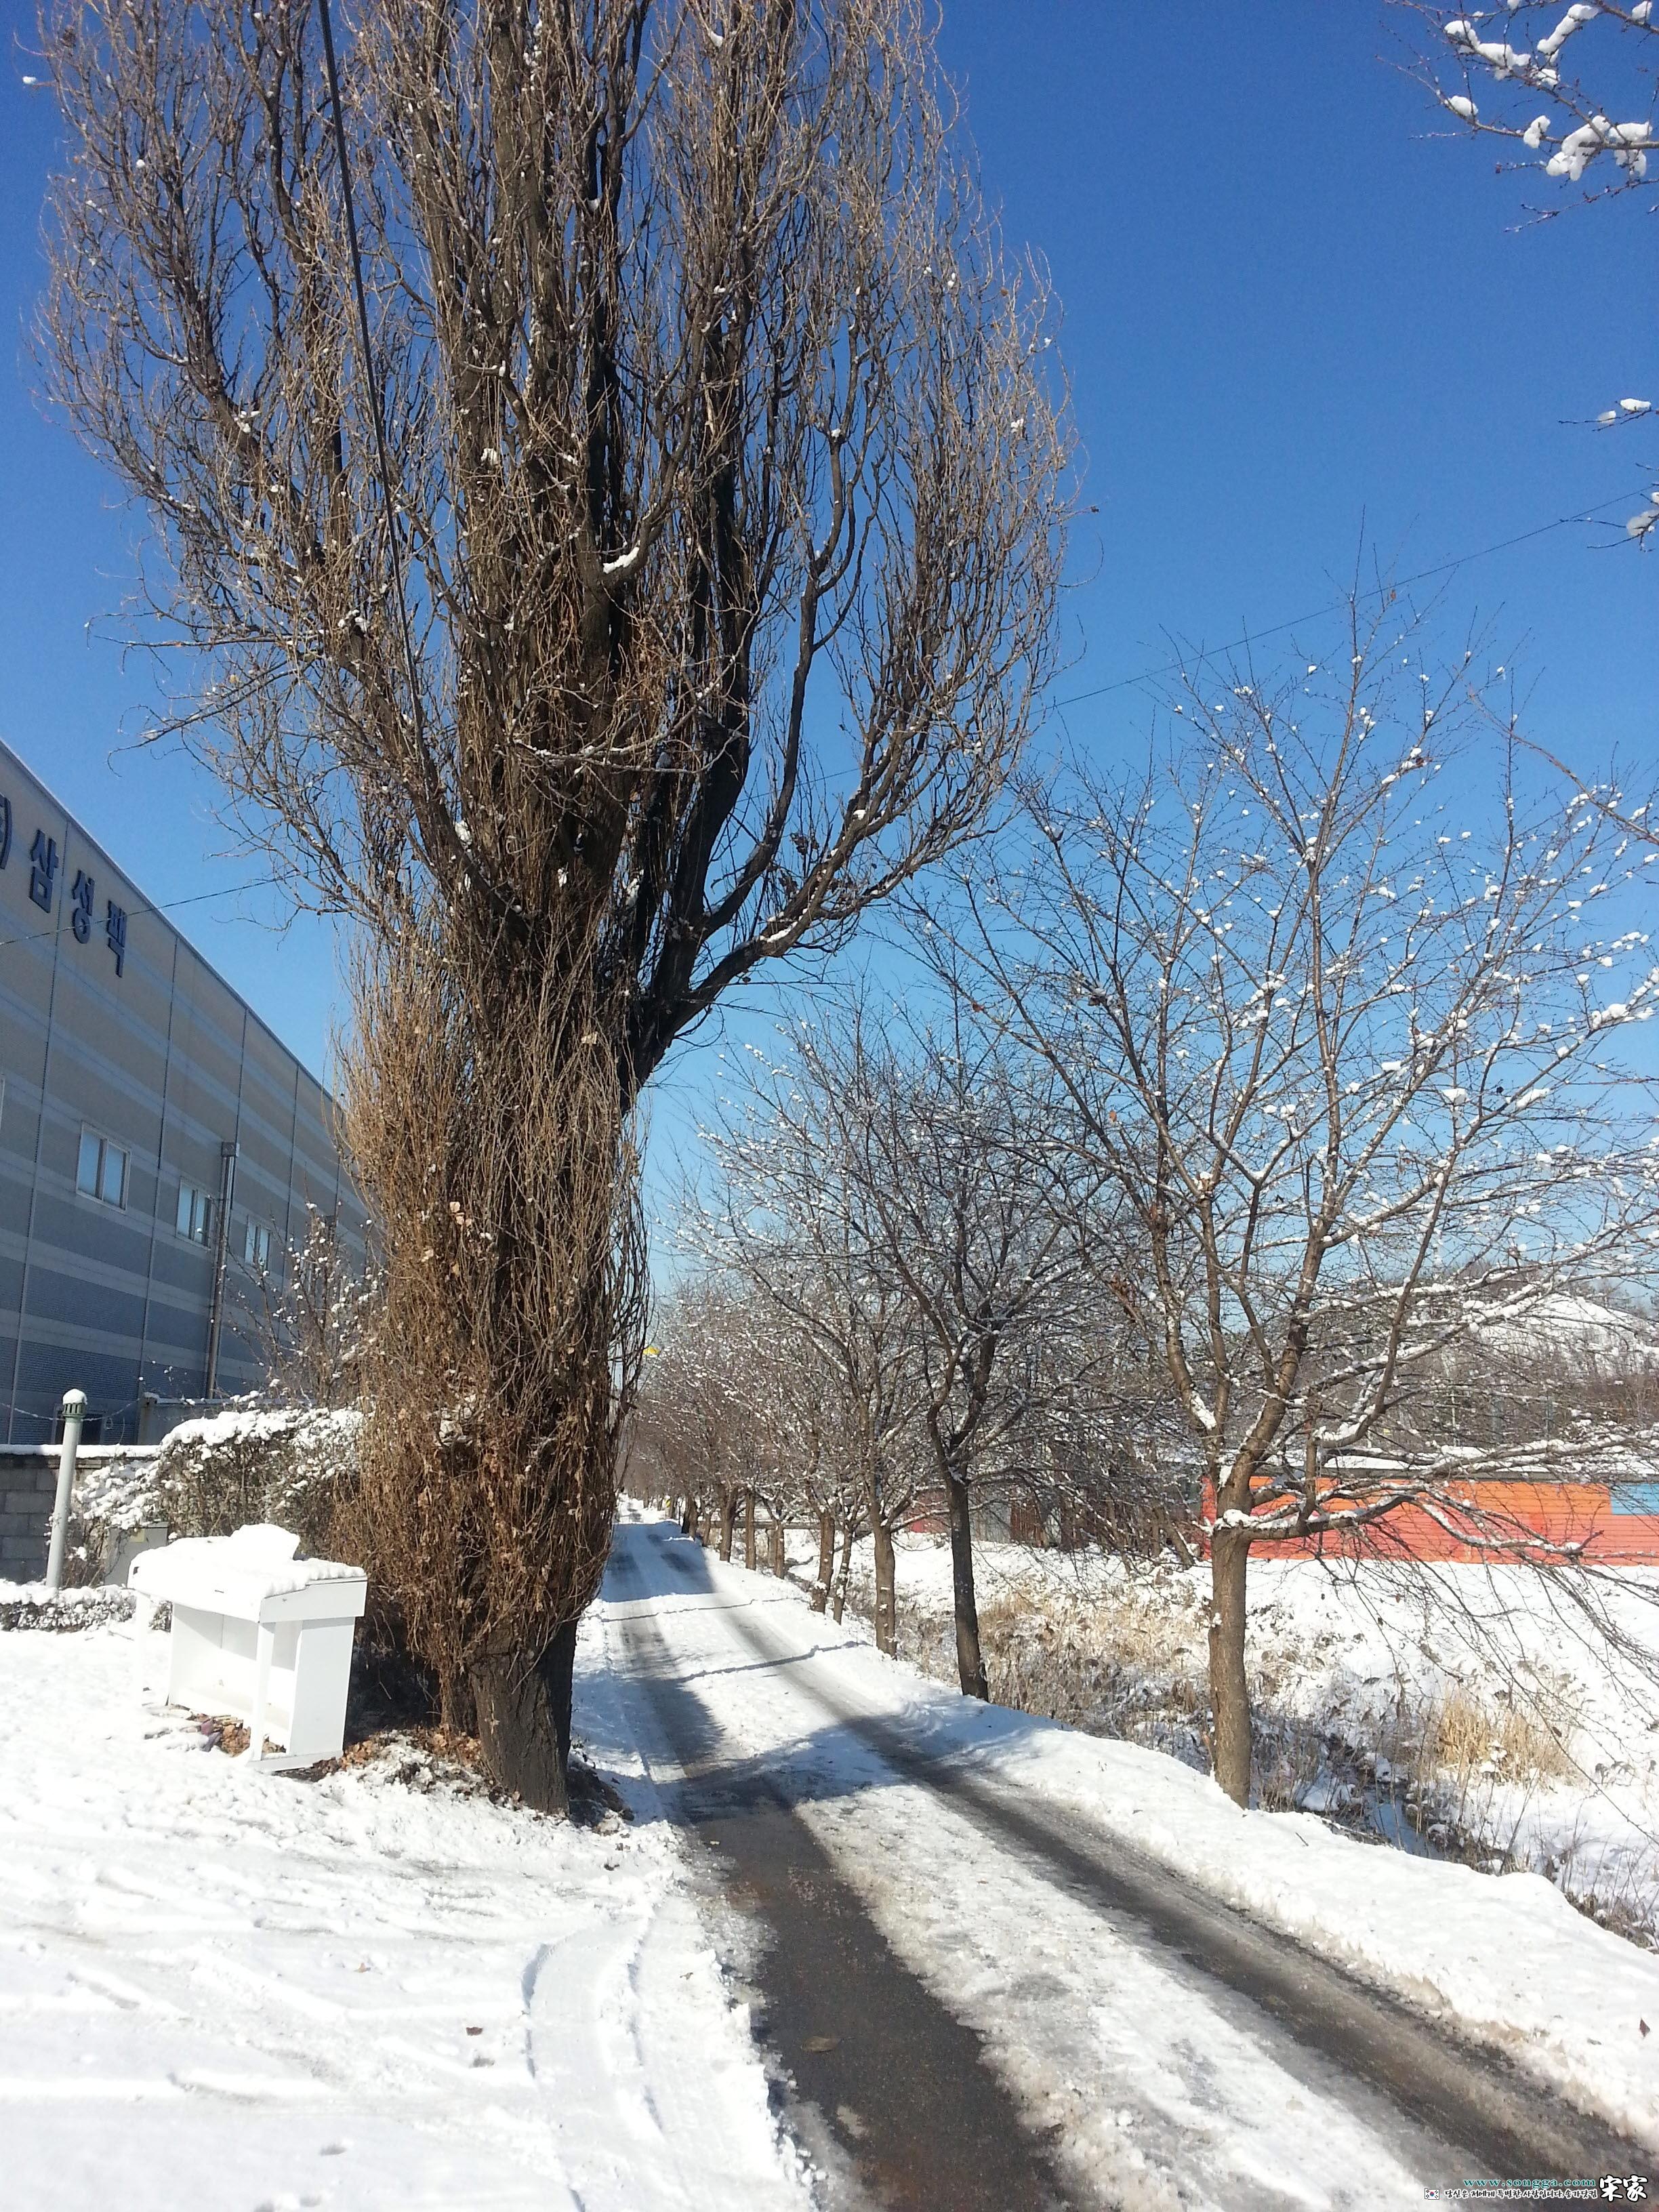 20121206_122513.jpg